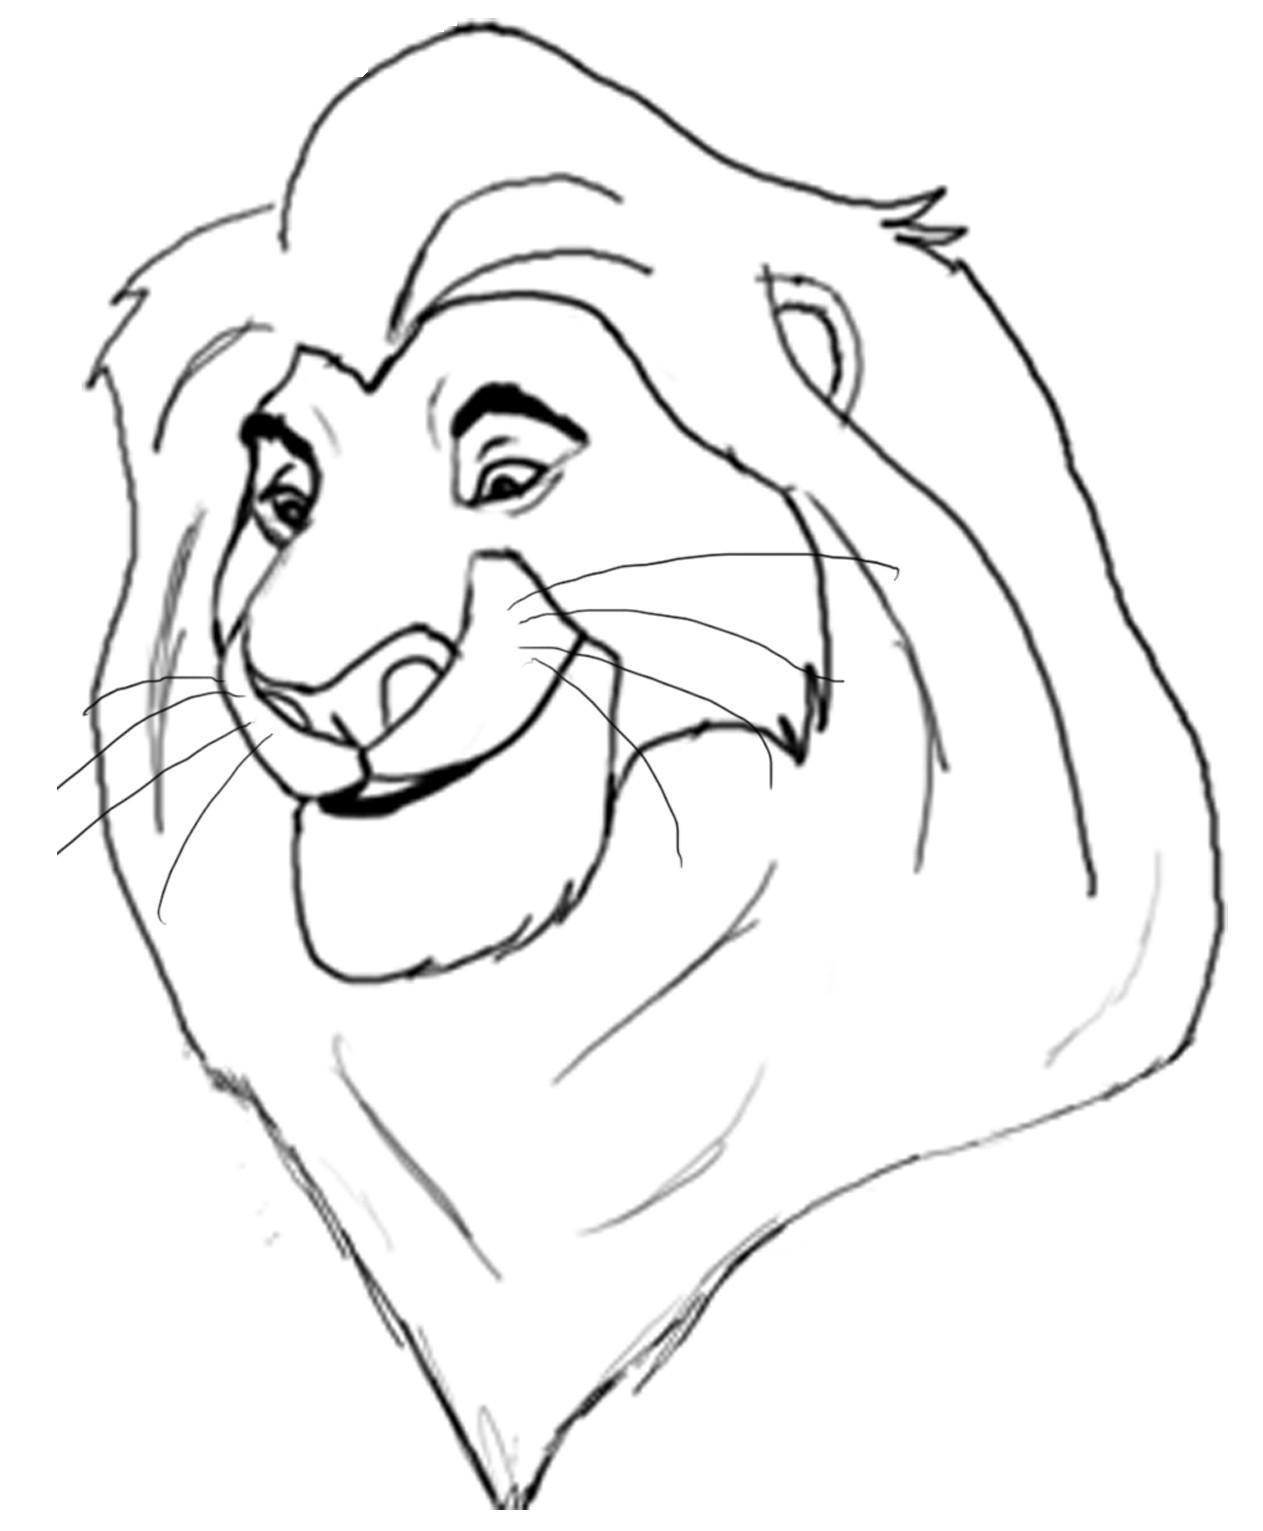 Cómo dibujar personajes del Rey León con Photoshop - Ubiquitour.com